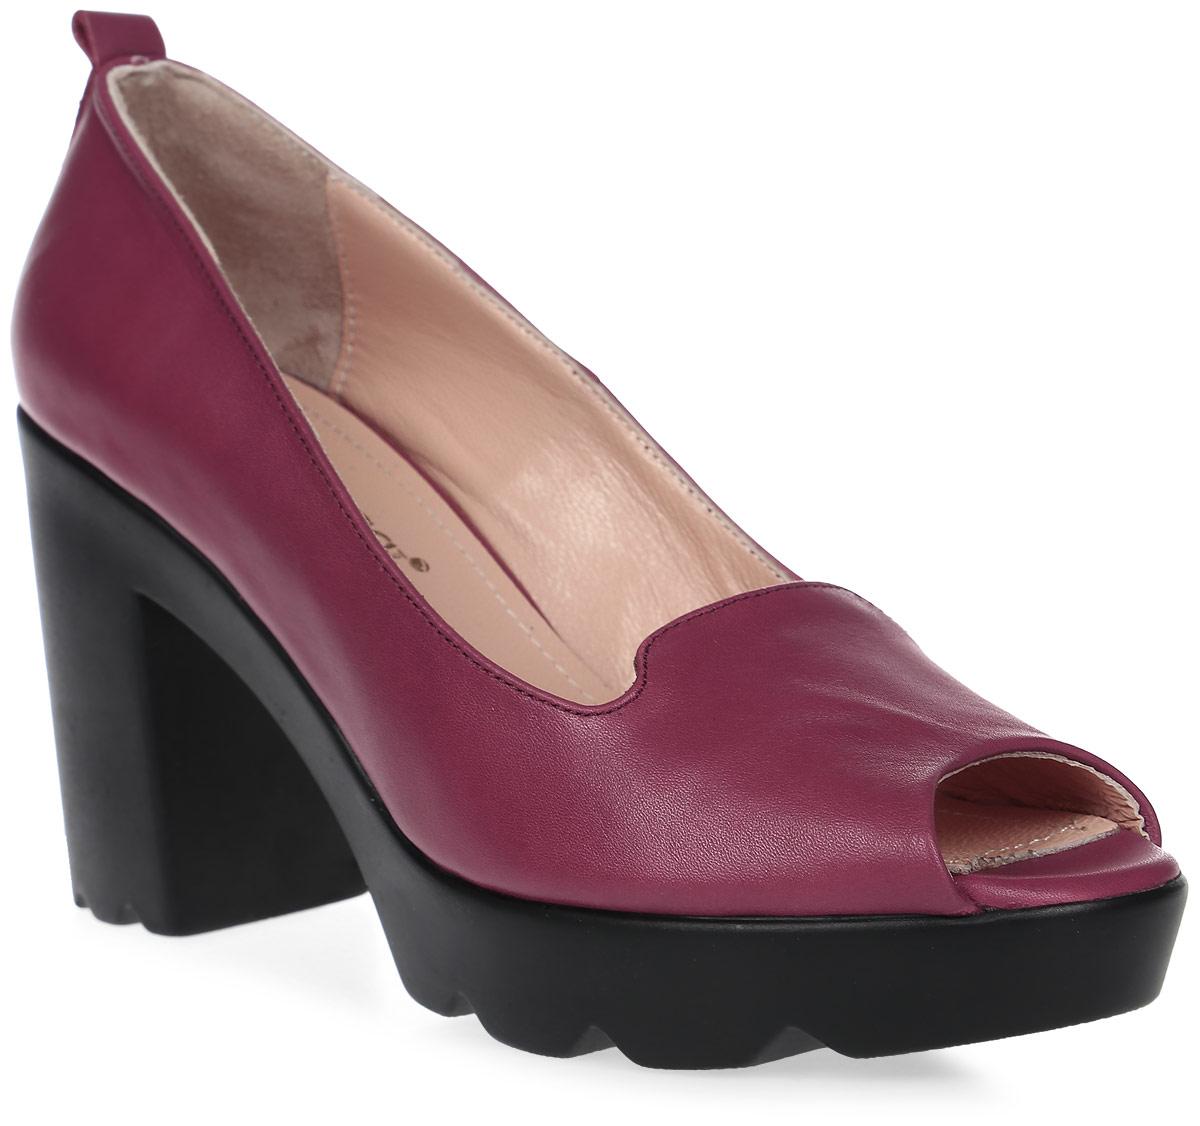 Туфли женские Benucci, цвет: марсала. 126-1. Размер 38126-1Женские туфли от Benucci с открытым мыском выполнены из натуральной кожи. Подкладка, изготовленная из натуральной кожи, обладает хорошей влаговпитываемостью и естественной воздухопроницаемостью. Стелька из натуральной кожи гарантирует комфорт и удобство стопам. Подошва из резины обеспечивает хорошую амортизацию и сцепление с любой поверхностью.